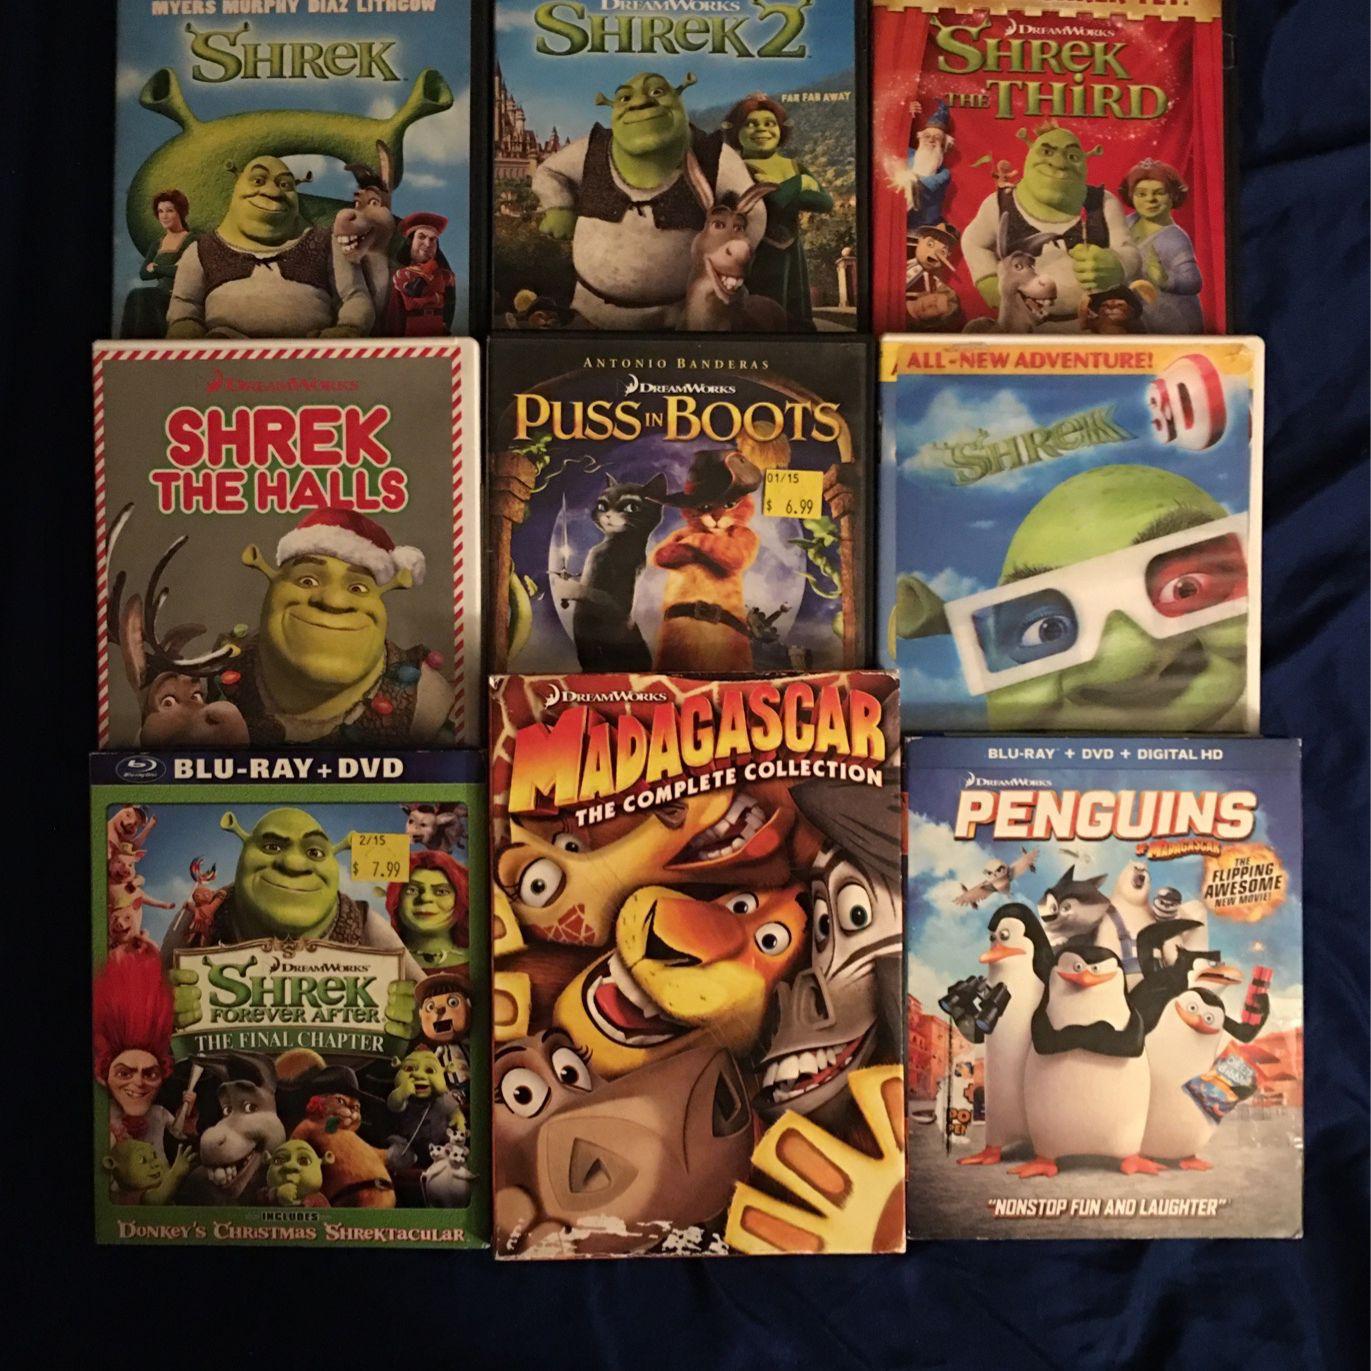 Shrek And Madagascar Complete DVD Sets (Dreamworks)